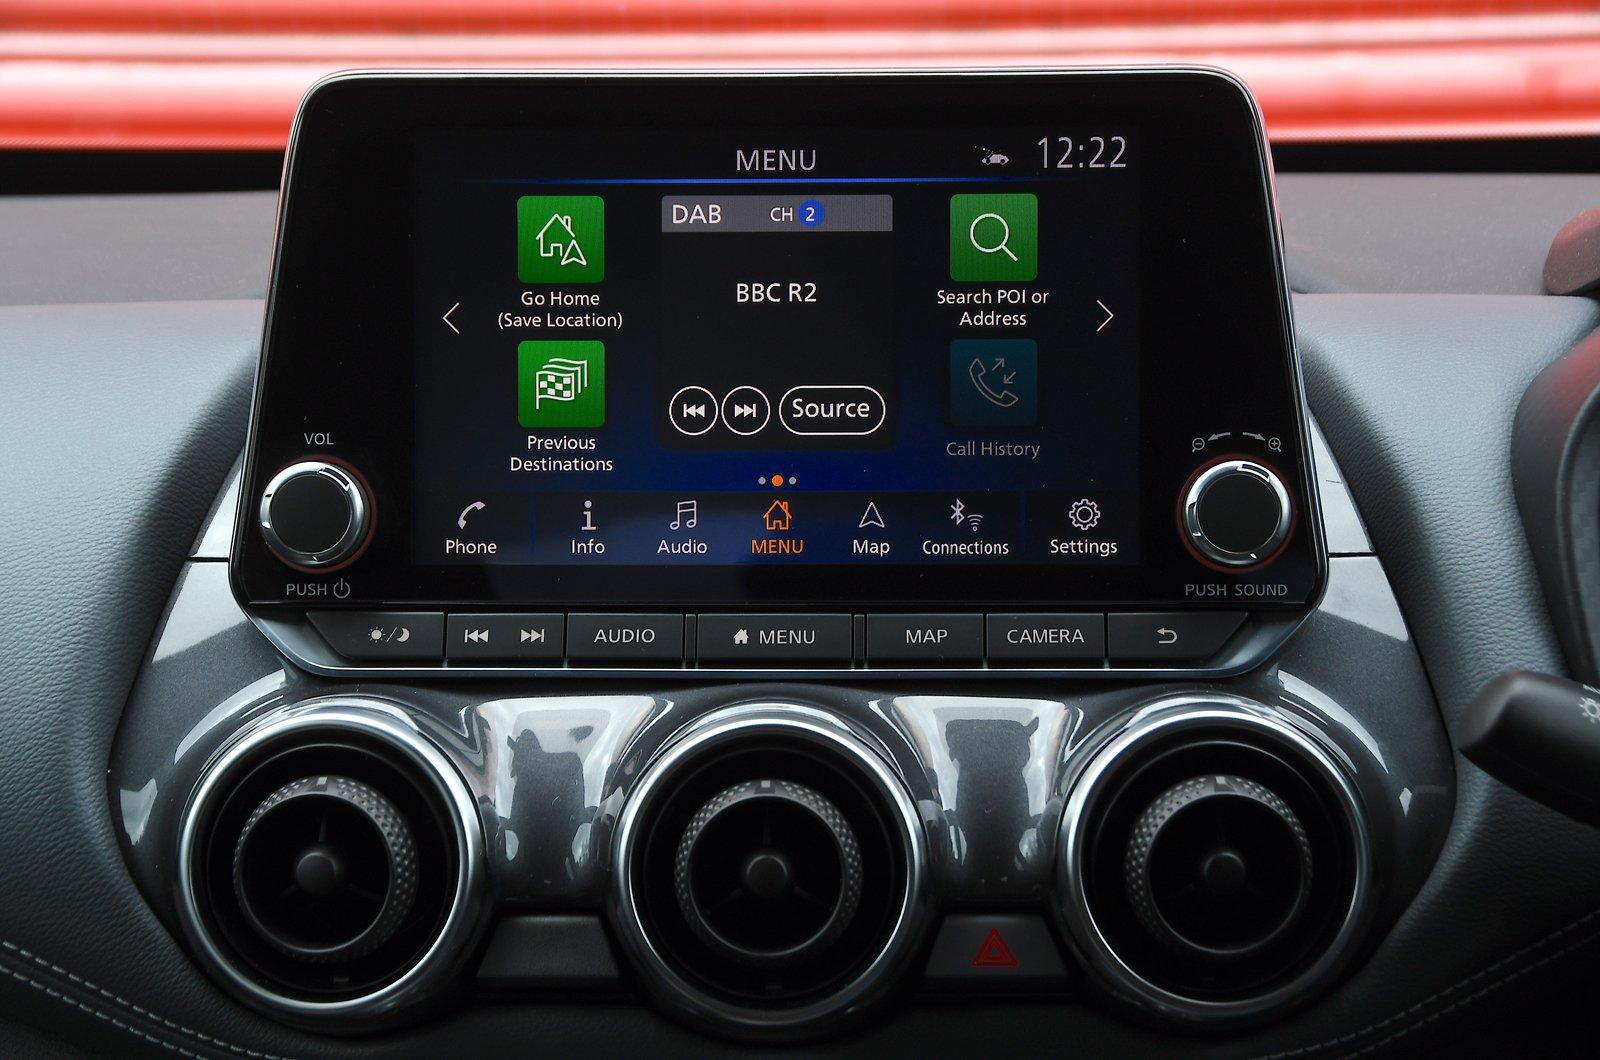 Nissan Juke infotainment touchscreen